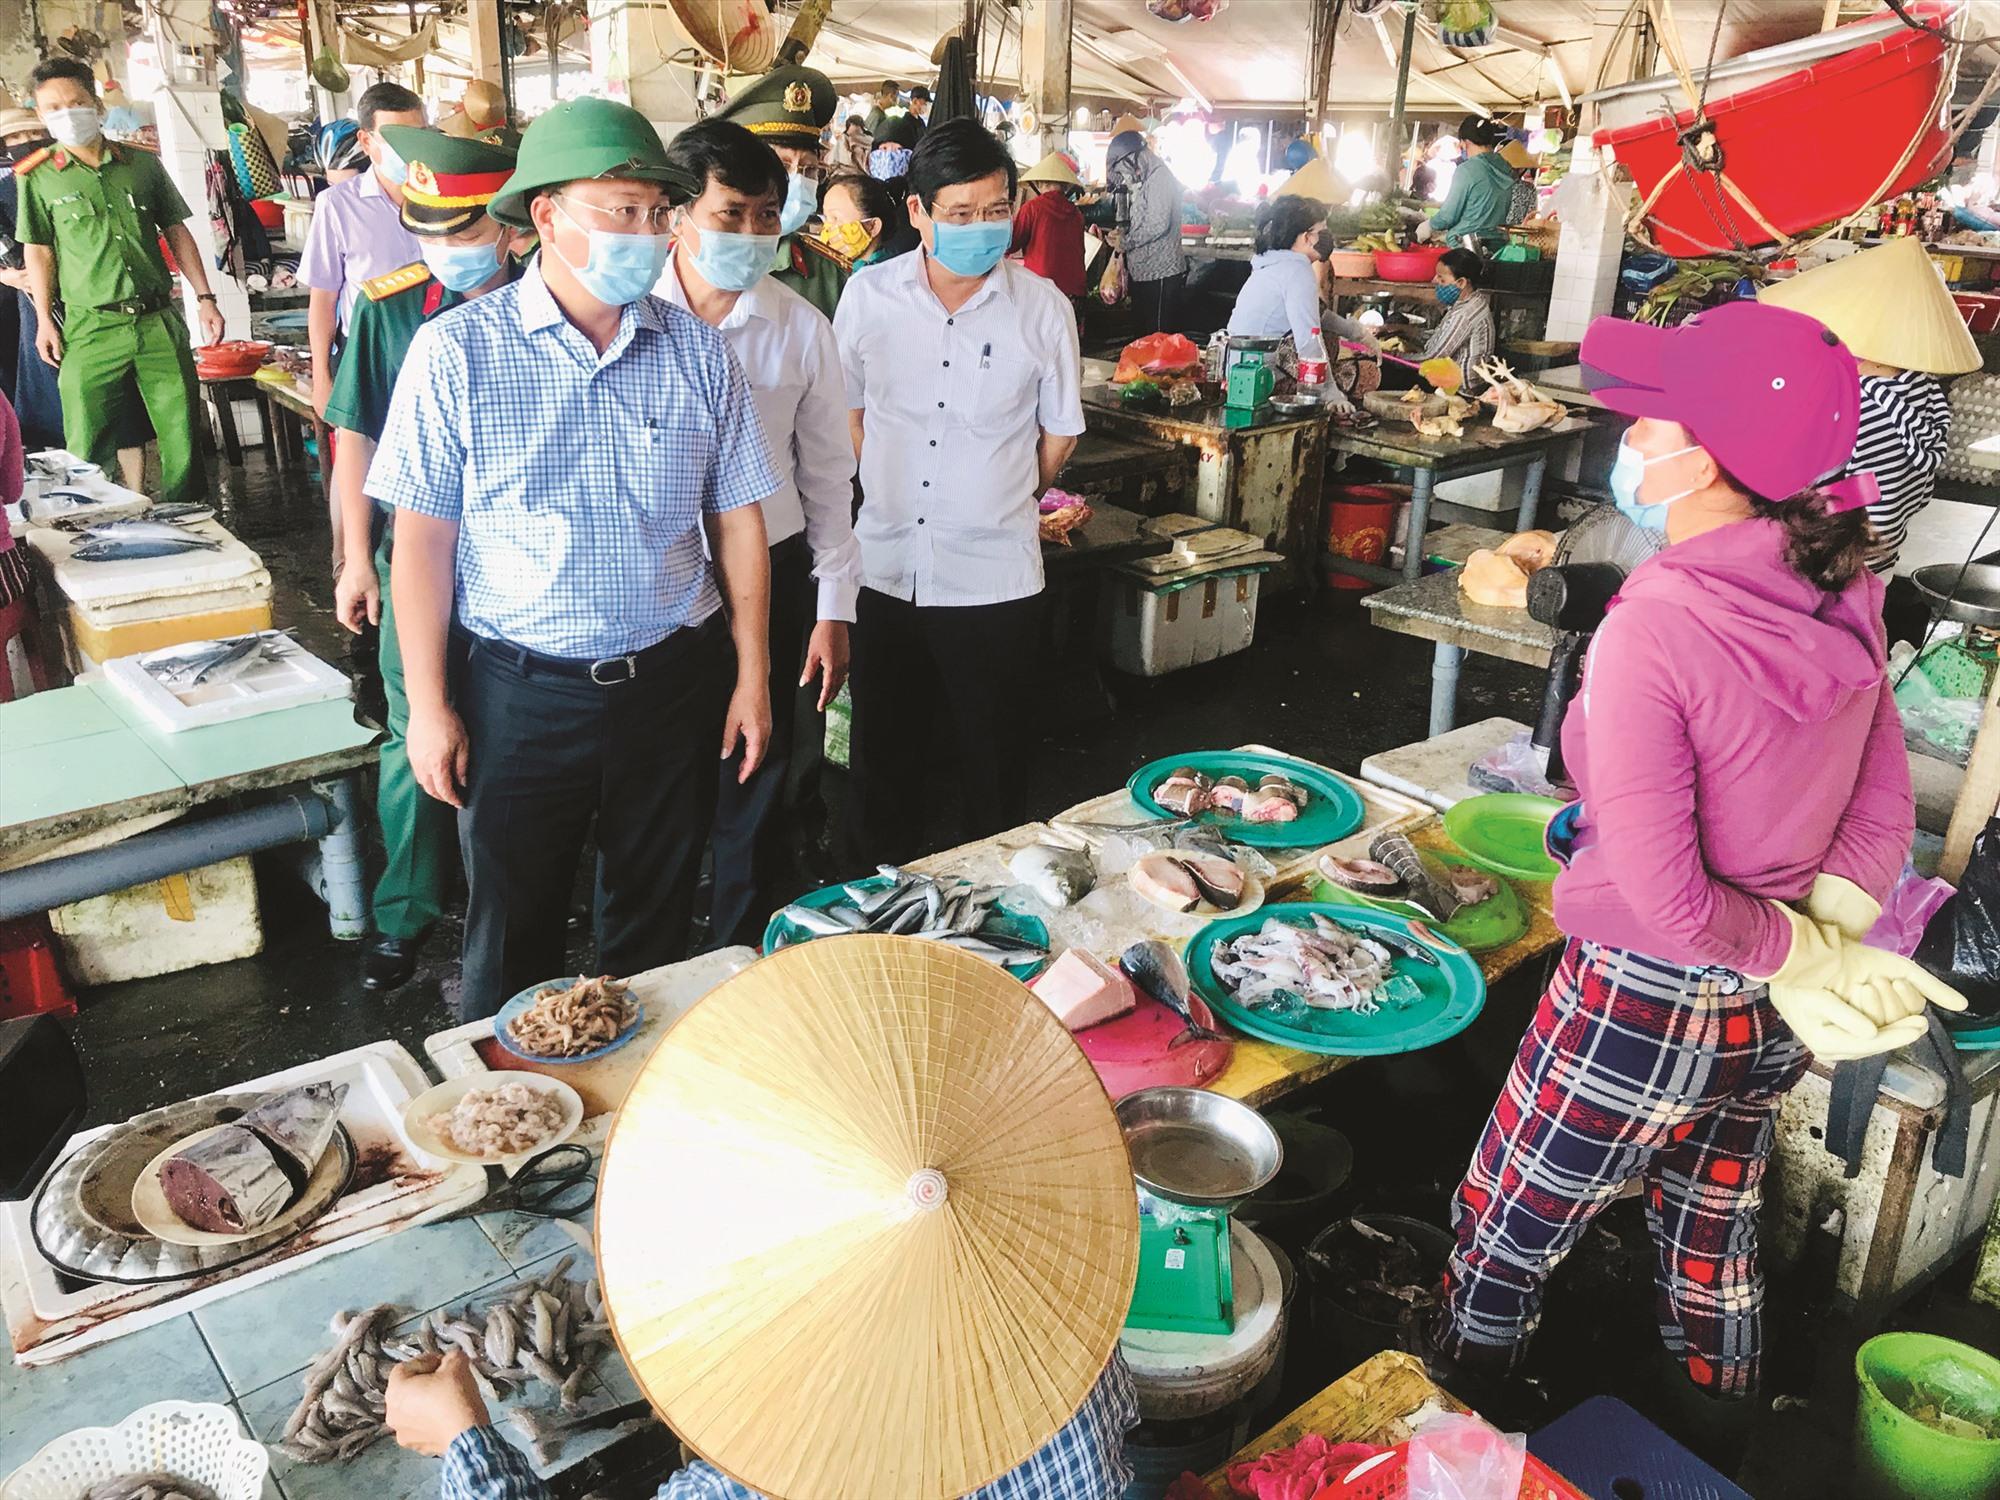 Chủ tịch UBND tỉnh Lê Trí Thanh kiểm tra việc thực hiện các biện pháp phòng dịch trong cộng đồng. Ảnh: H.T